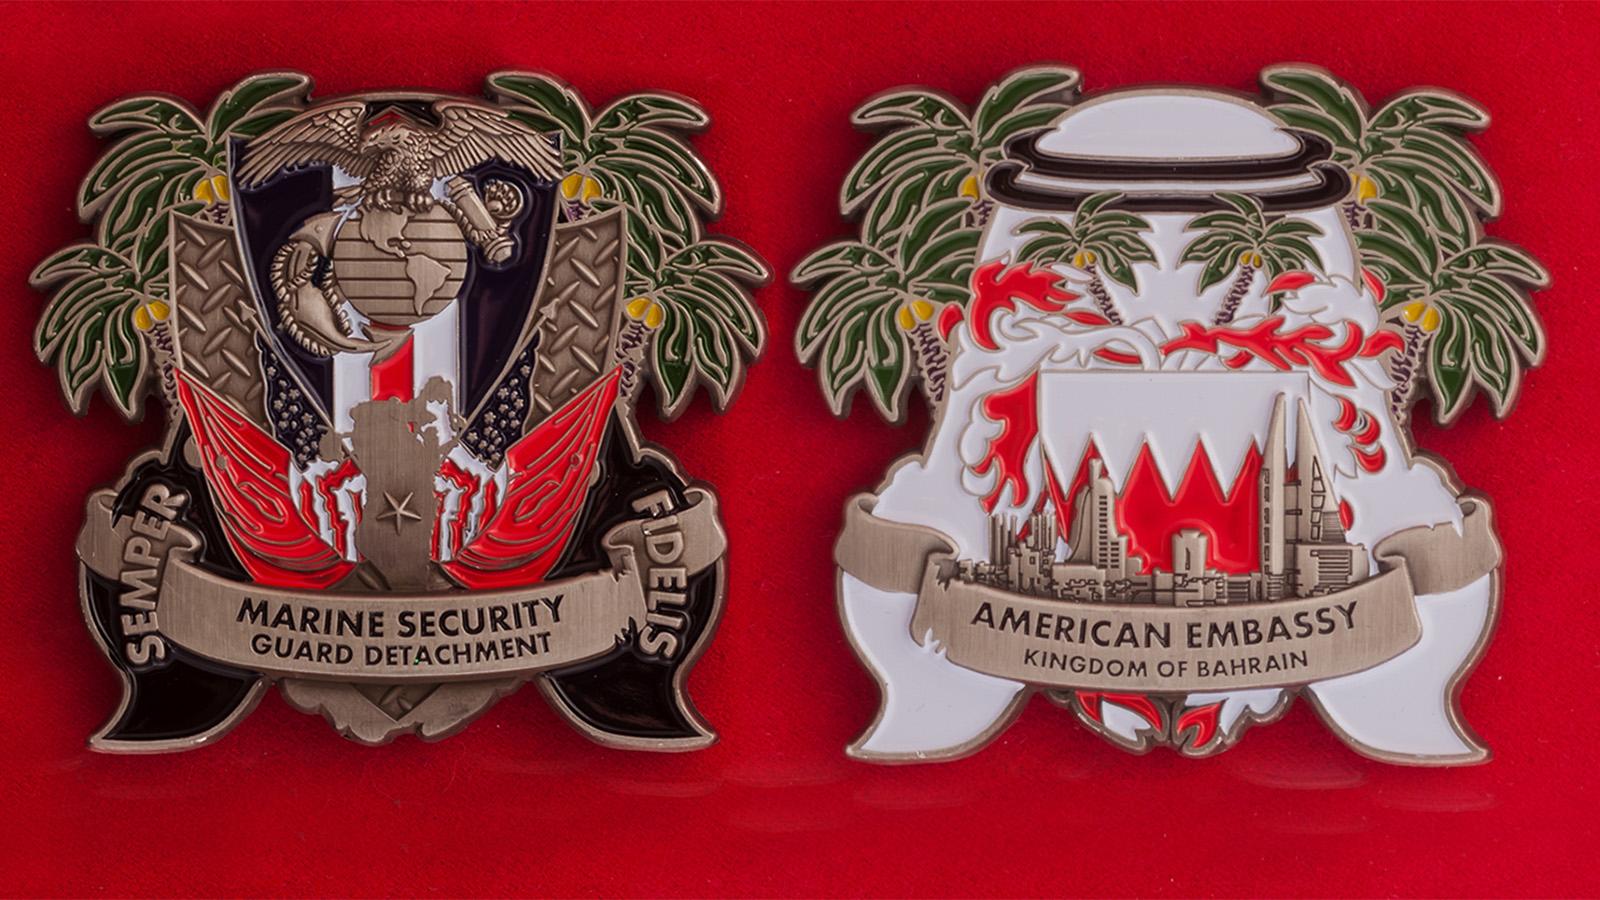 Челлендж коин Подразделения Корпуса Морской пехоты при посольстве США в Бахрейне - аверс и реверс